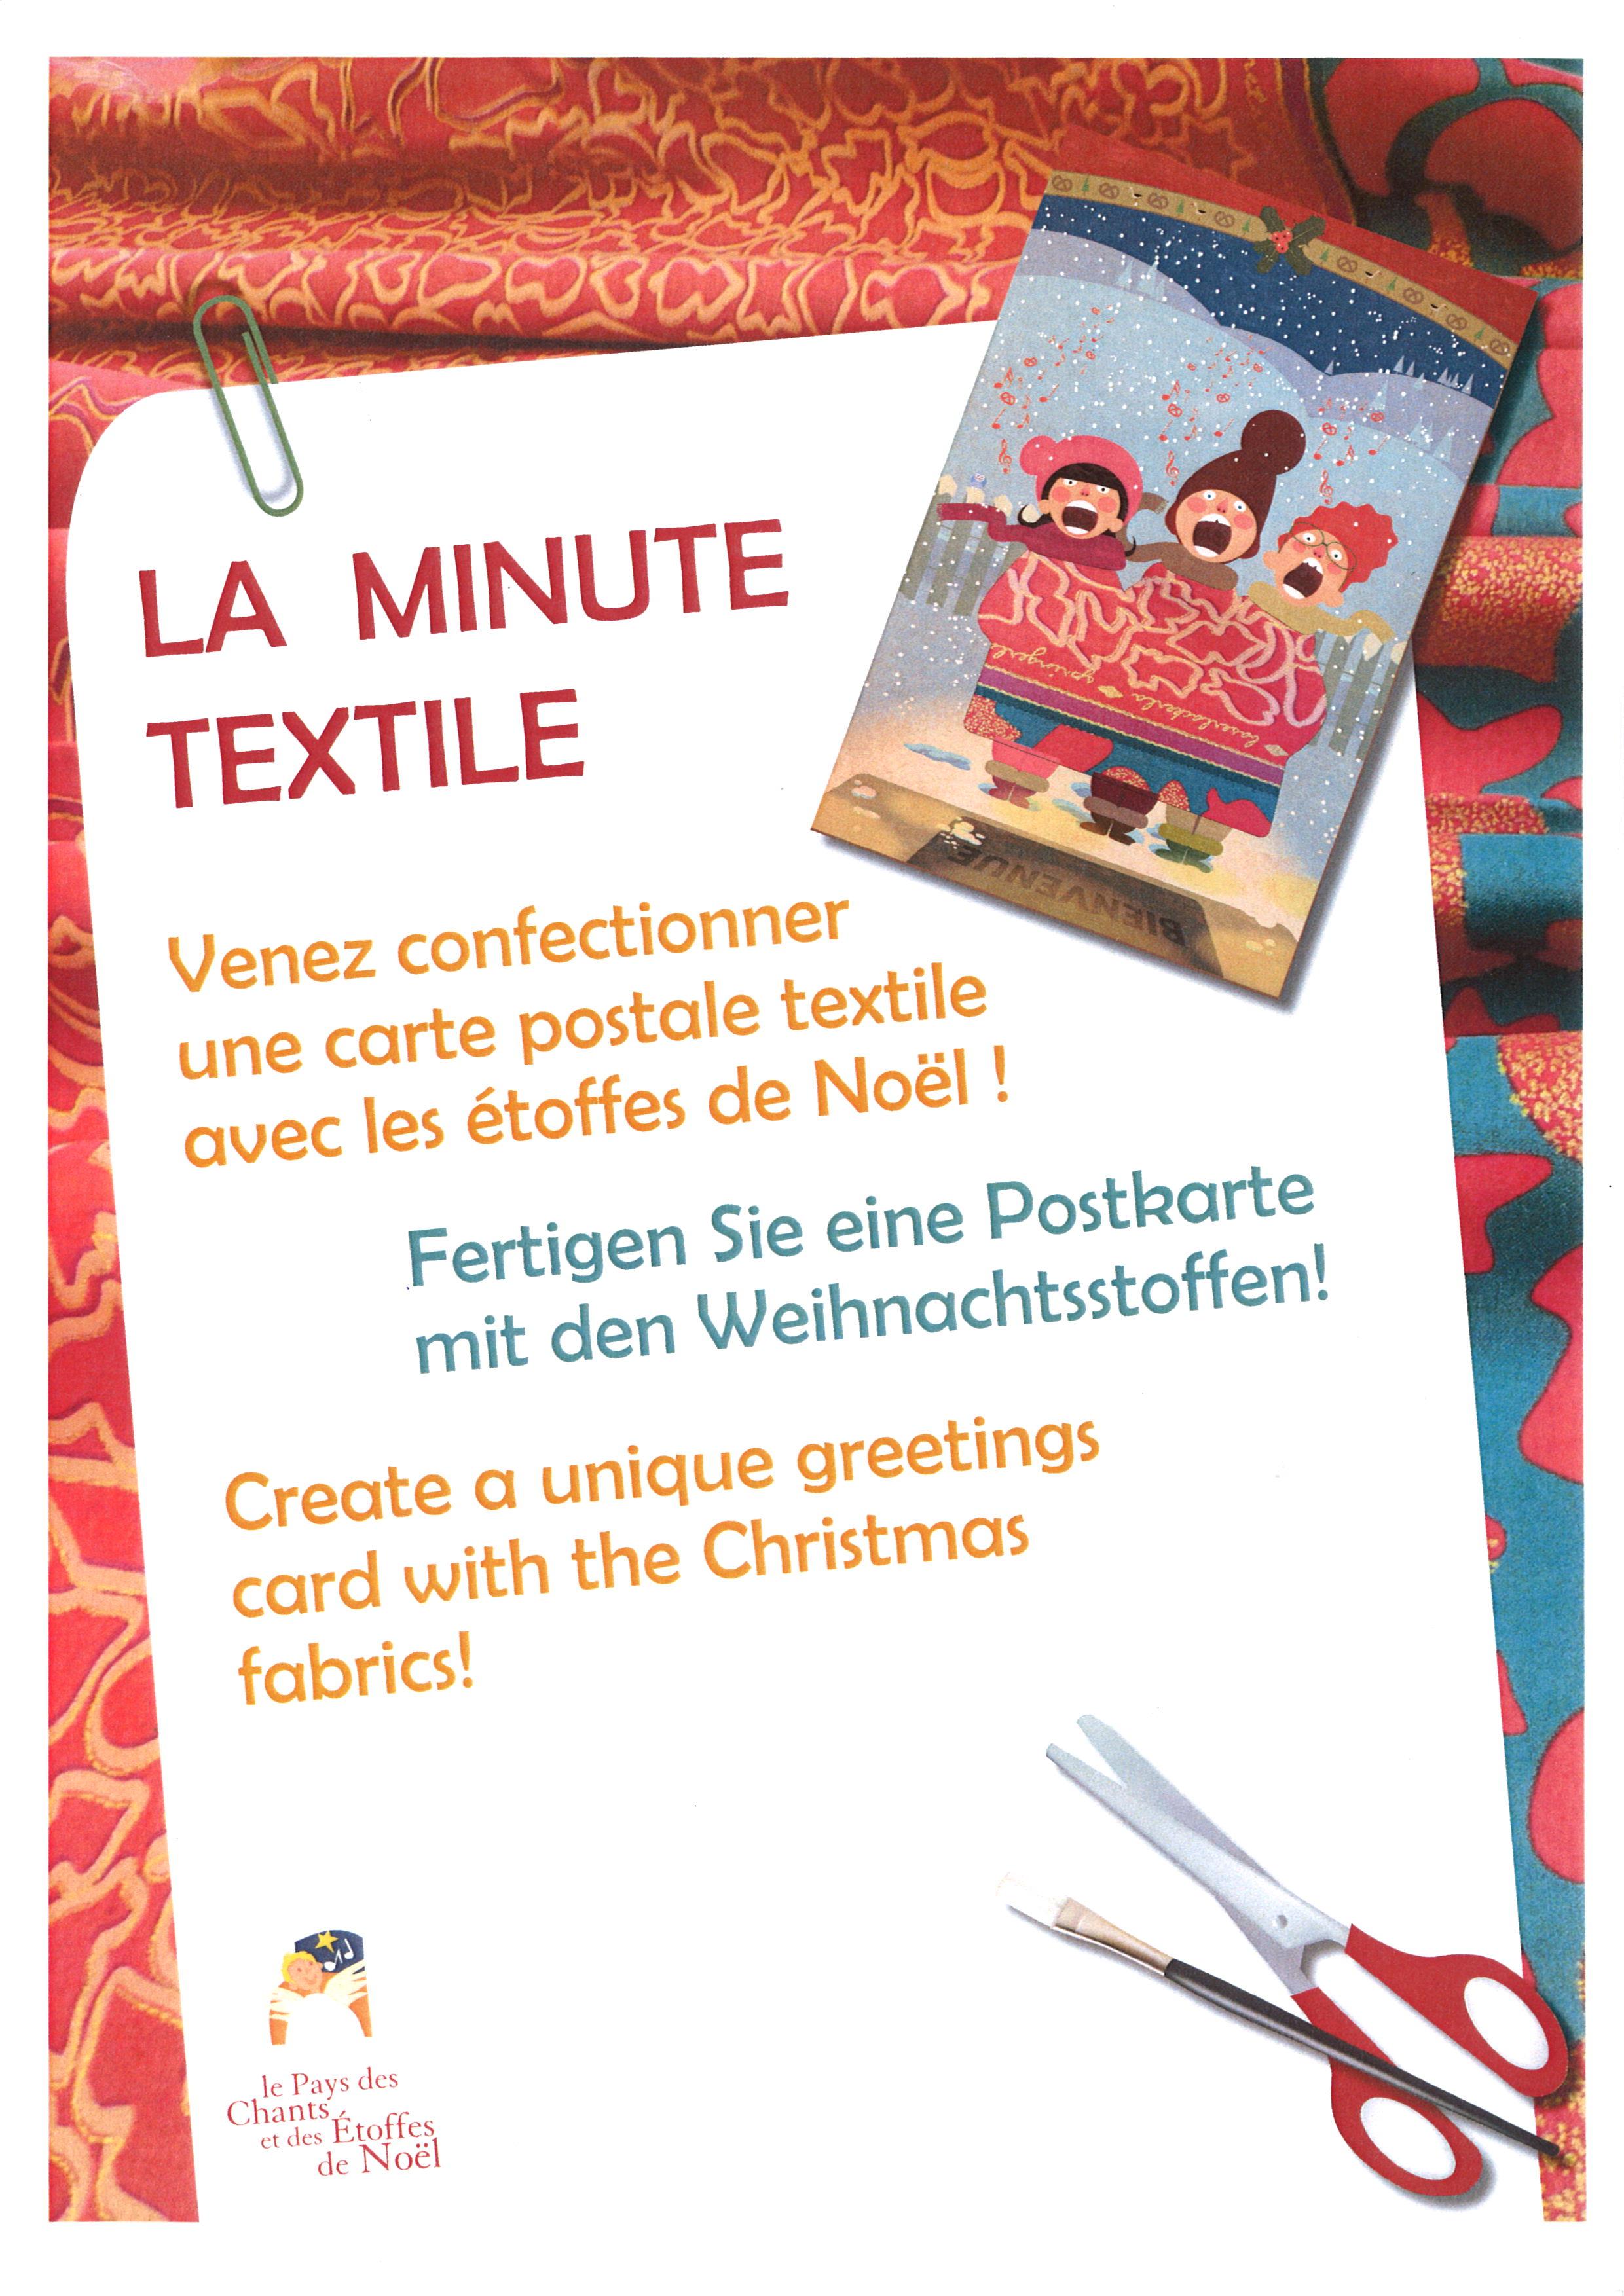 Atelier Minute Textile